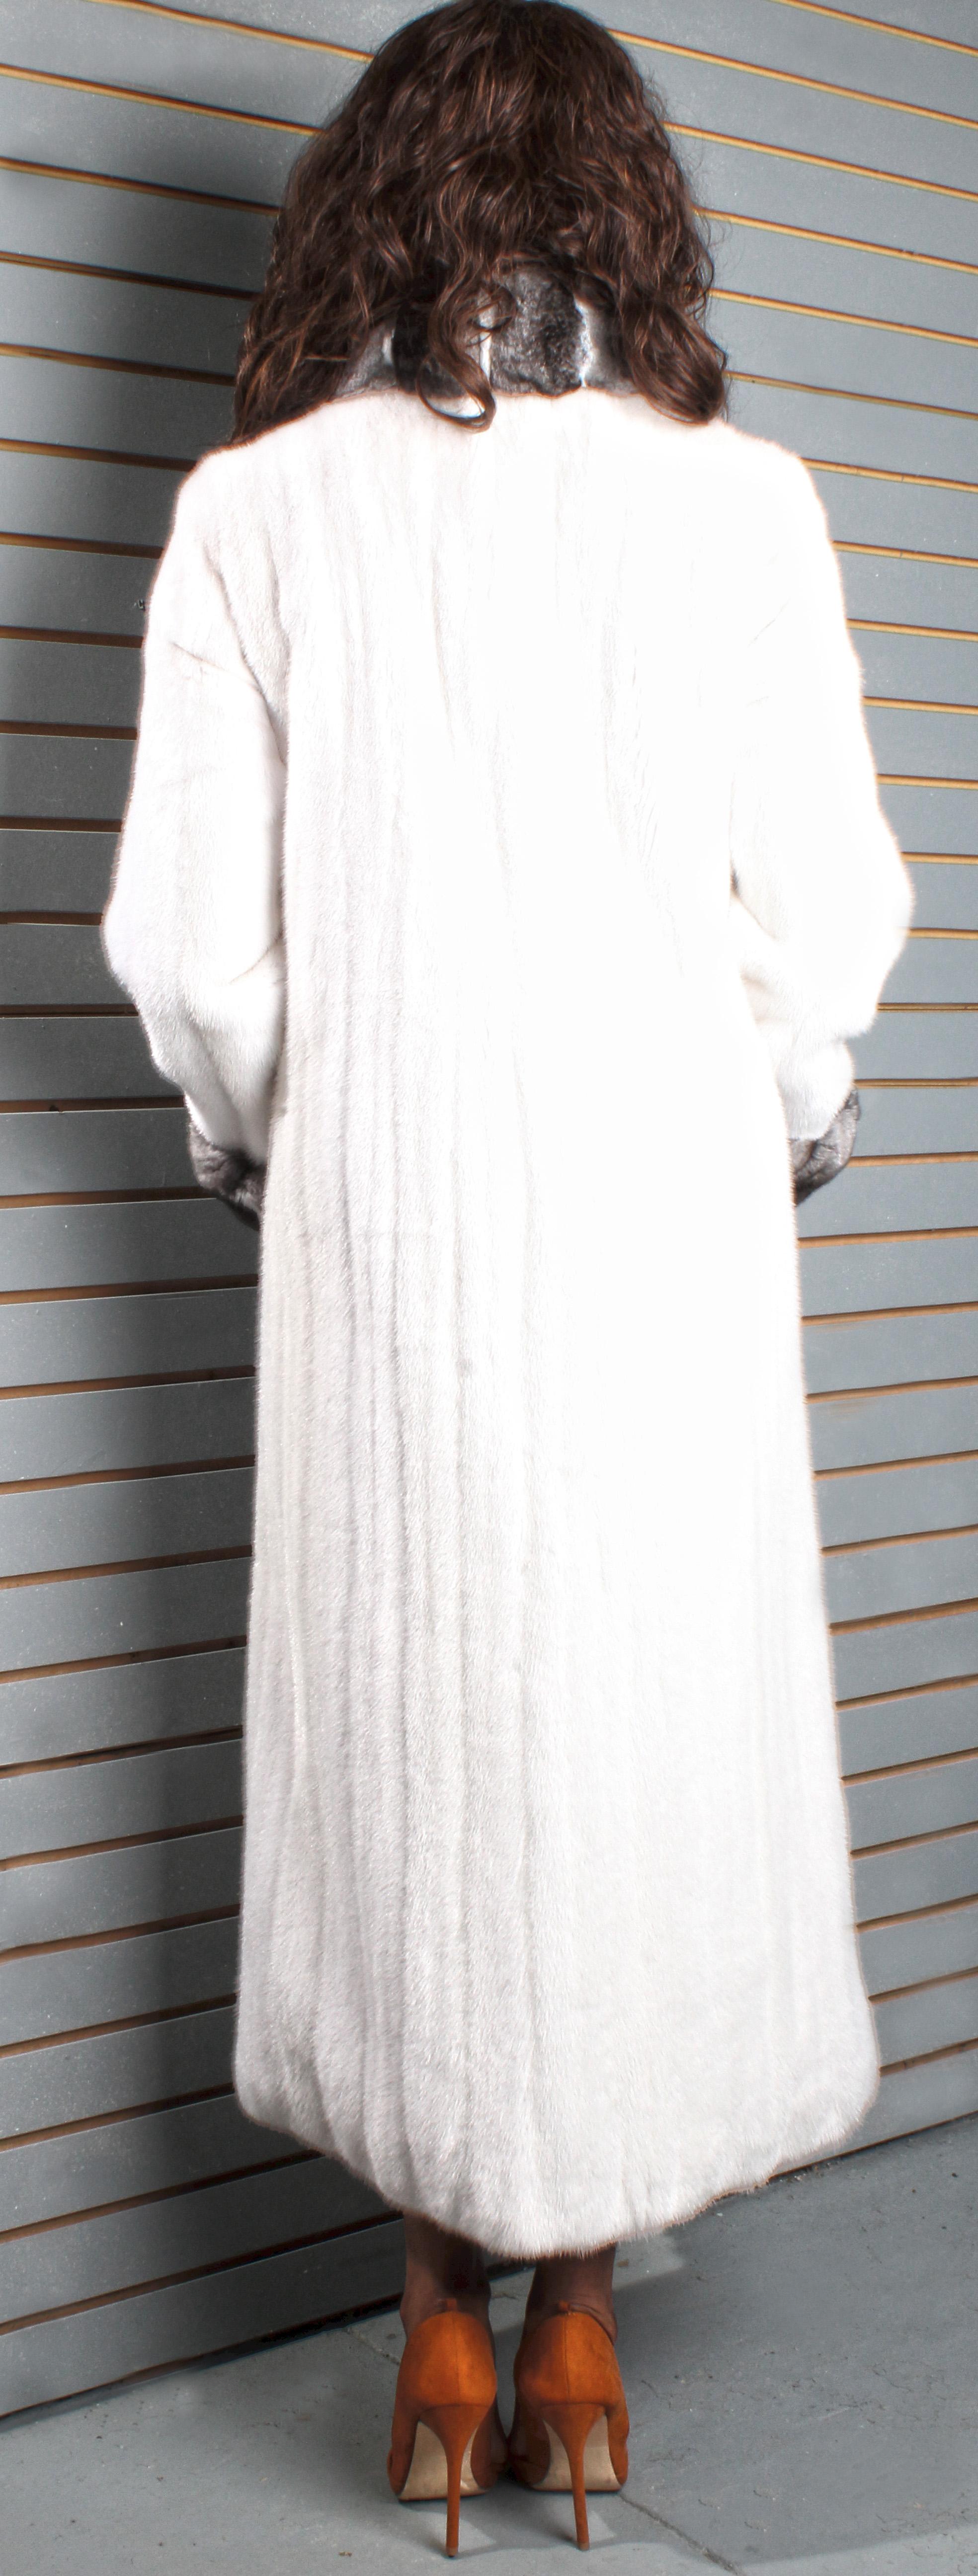 Full Length Sheared Mink Coat with Chinchilla Fur Tuxedo Trim CHinchilla Fur Collar and Chinchilla Fur Cuffs